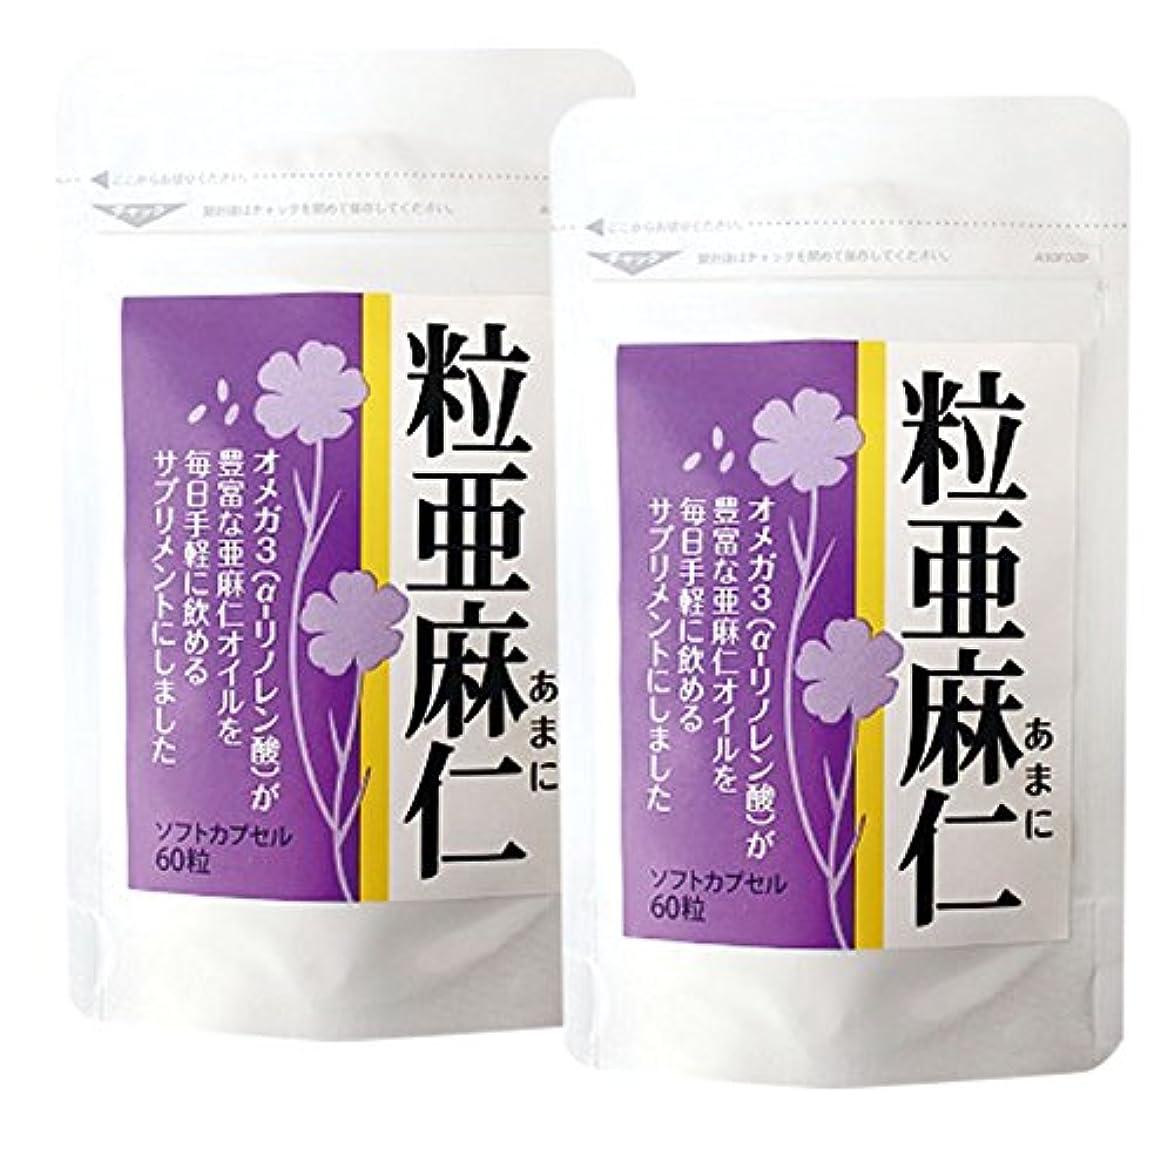 松ハロウィンマニフェスト粒亜麻仁(60粒)×2袋セット